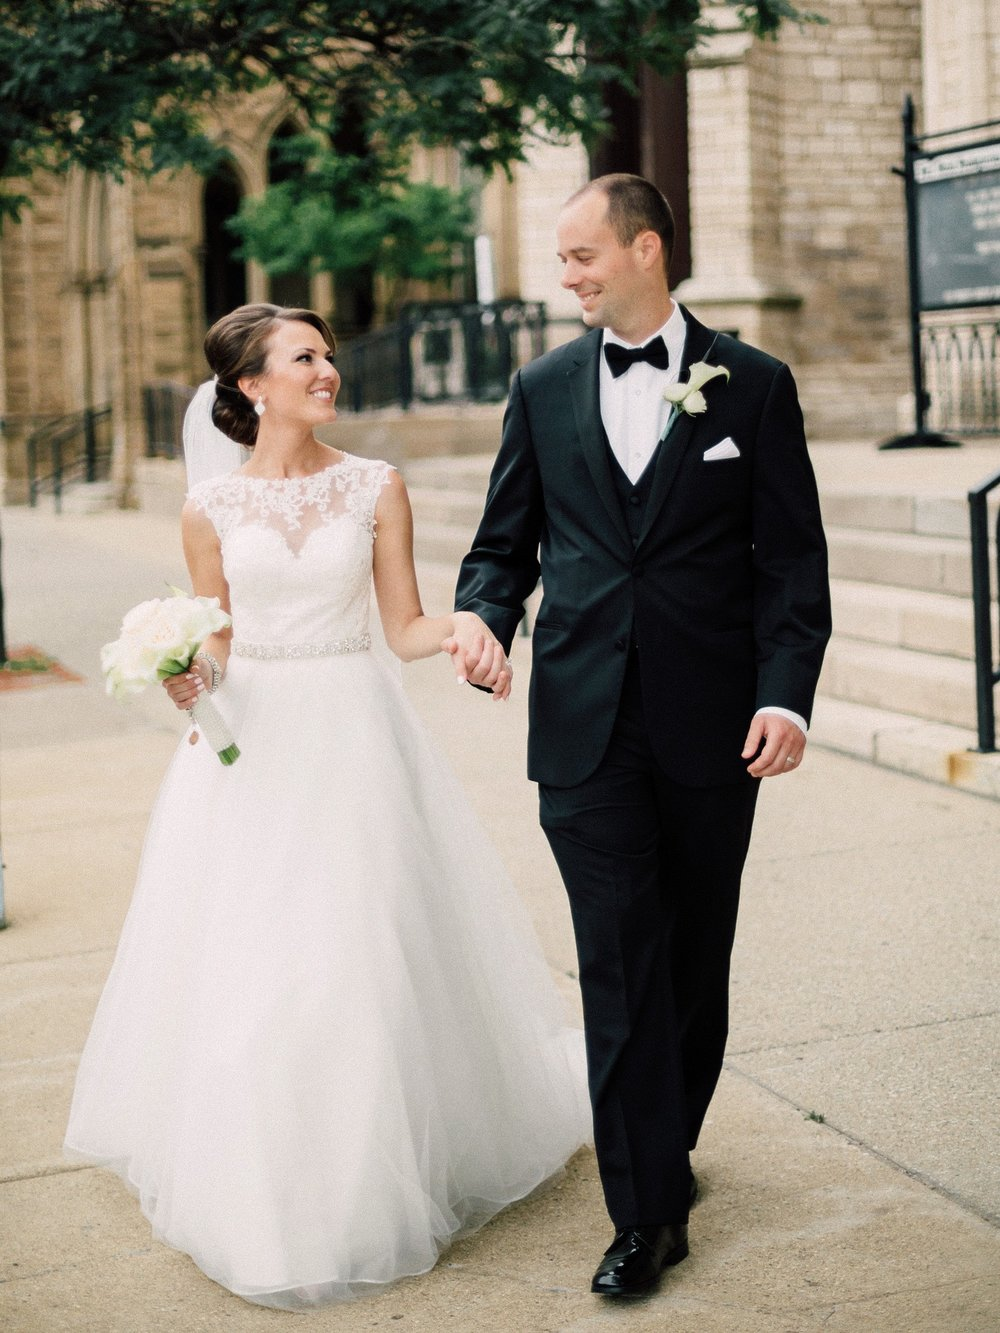 detroit_wedding_blaine_siesser_0033_std.jpg